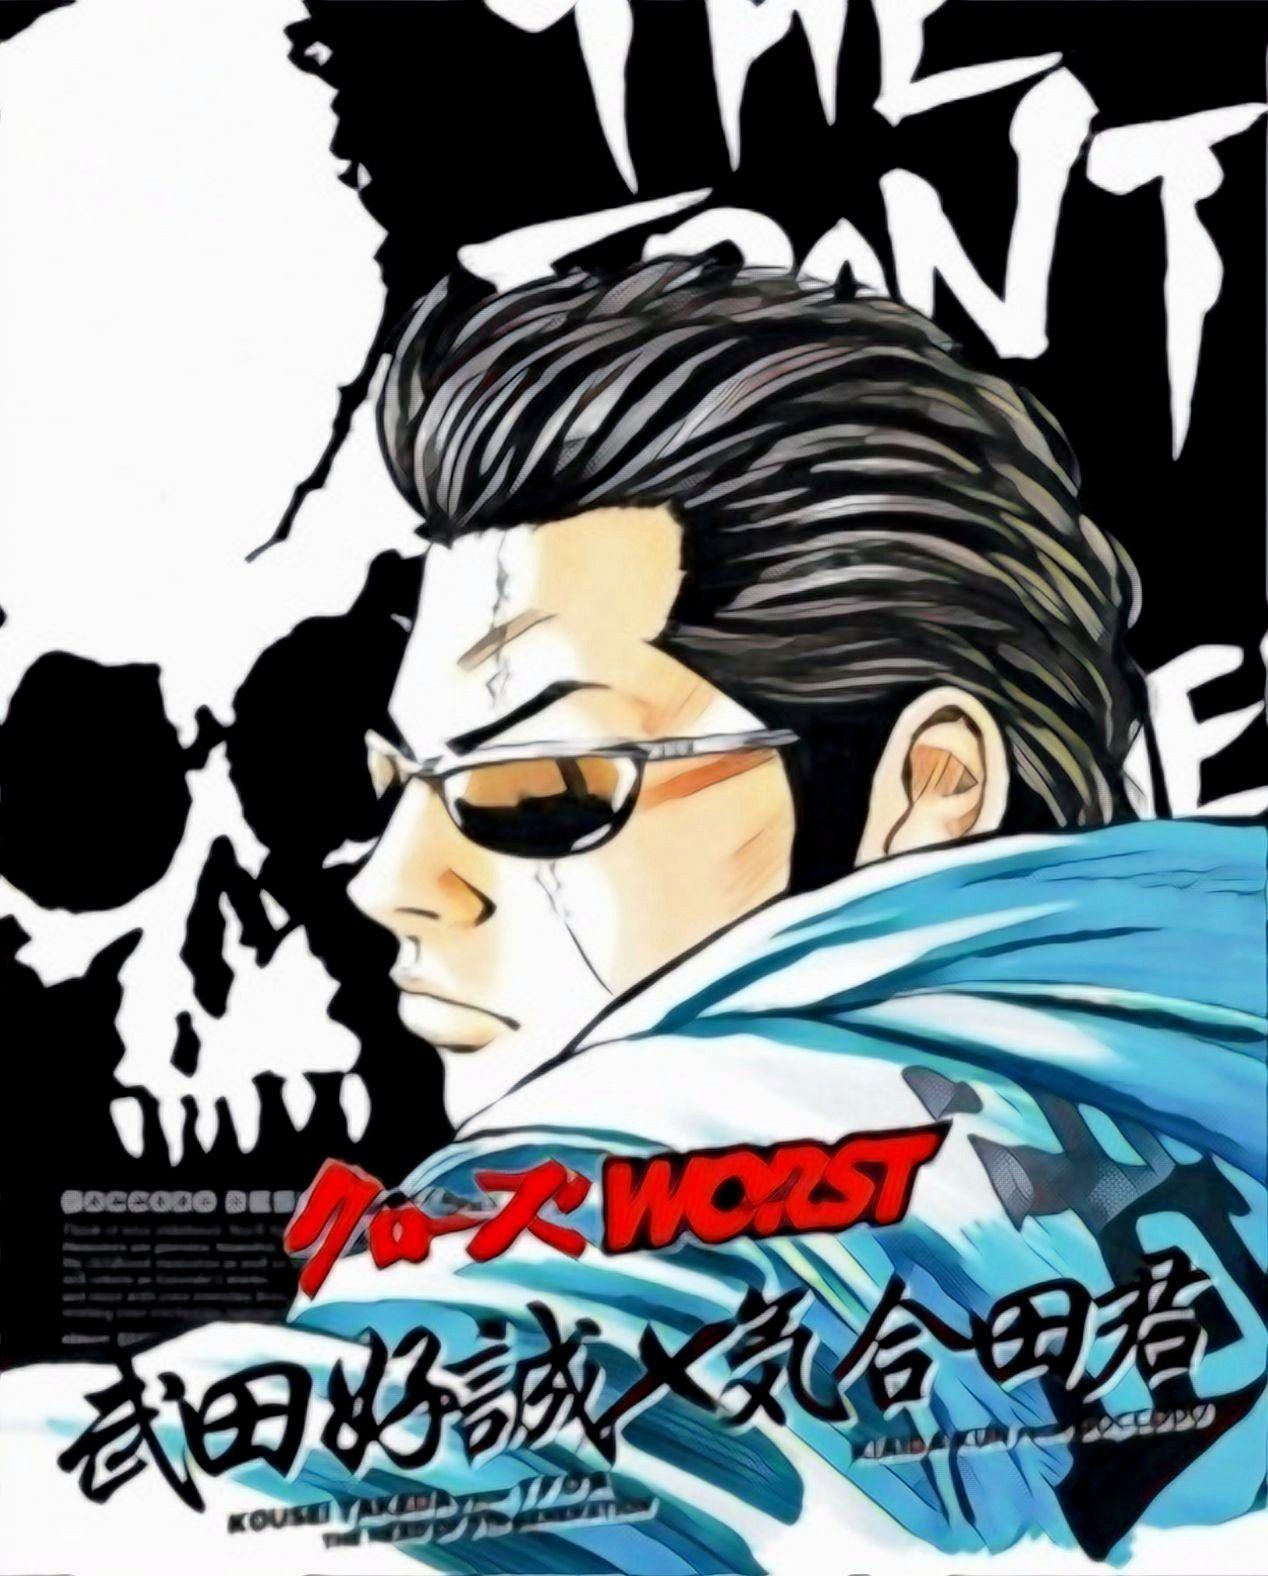 squad おしゃれまとめの人気アイデア pinterest tokii 2020 アニメーション ワンピース 絵 イラスト